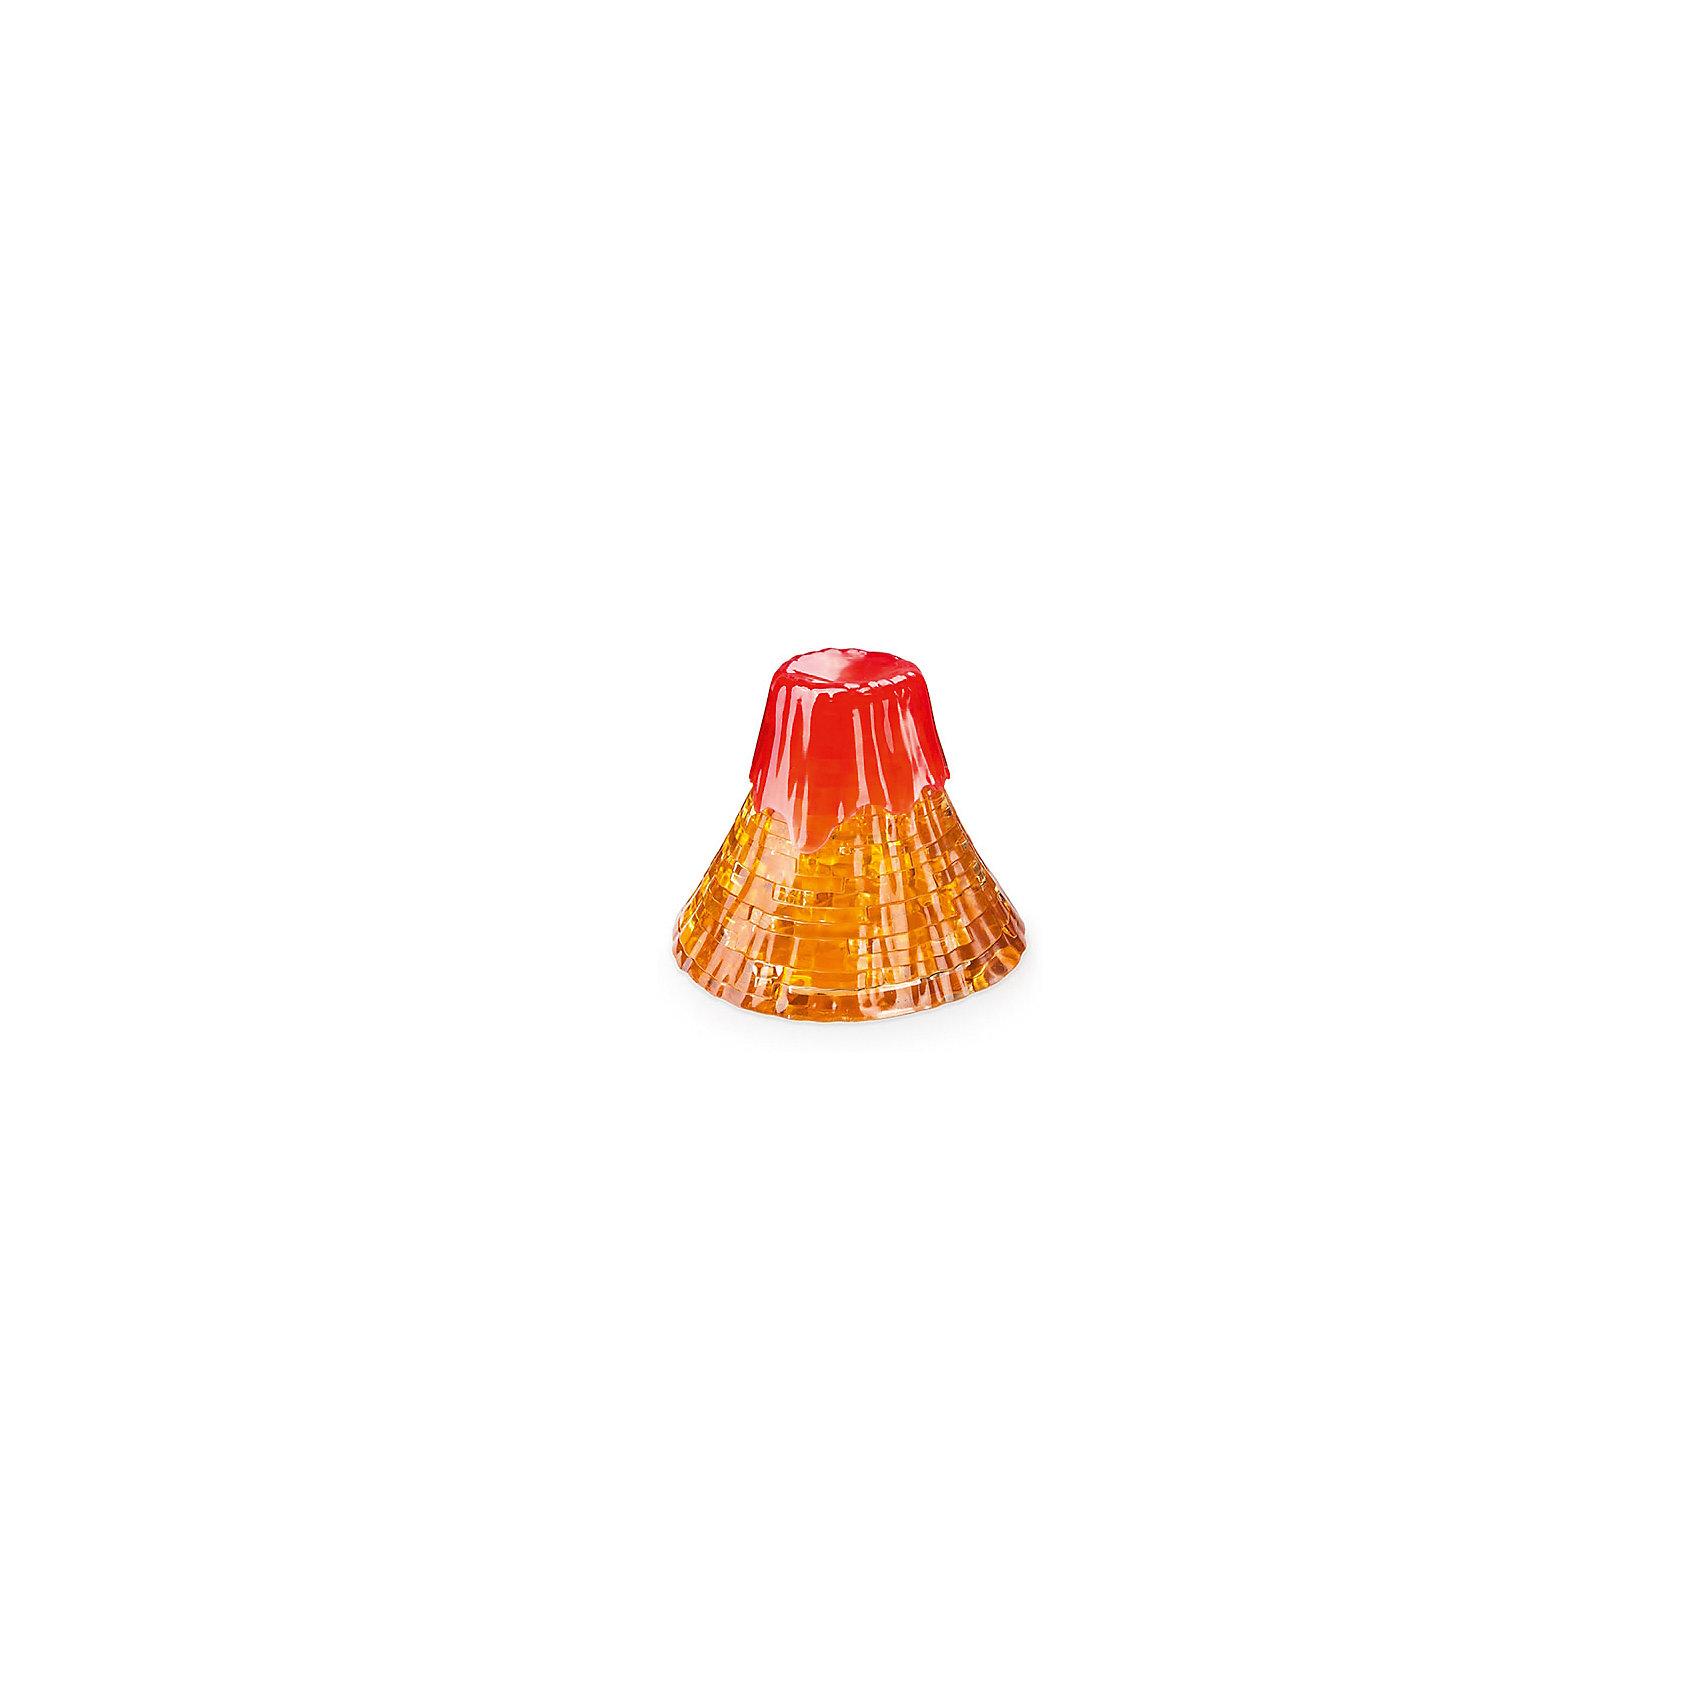 Кристаллический пазл 3D Вулкан, Crystal Puzzle3D пазлы<br>Кристаллический пазл 3D Вулкан, Crystal Puzzle (Кристал Пазл)<br><br>Характеристики:<br><br>• яркий объемный пазл<br>• размер готовой фигурки: 8 см<br>• количество деталей: 40<br>• сложность: средняя<br>• размер упаковки: 14х10х5 см<br>• вес: 208 грамм<br>• материал: пластик<br><br>Собирая пазлы, ребёнок развивает логику и пространственное мышление. Чтобы игра была ещё интересней, предложите малышу собрать необычный 3D пазл. В комплект Вулкан входят 40 деталей из пластика. Подробная инструкция расскажет как правильно собирать детали, чтобы получилась фигурка вулкана. Последний пазл соединит всю конструкцию, и вы сможете наслаждаться прекрасным видом красивого вулкана, который очень напоминает настоящий. Также вы сможете украсить комнату ребёнка готовой фигуркой.<br><br>Кристаллический пазл 3D Вулкан, Crystal Puzzle (Кристал Пазл) вы можете купить в нашем интернет-магазине.<br><br>Ширина мм: 100<br>Глубина мм: 140<br>Высота мм: 50<br>Вес г: 208<br>Возраст от месяцев: 120<br>Возраст до месяцев: 2147483647<br>Пол: Унисекс<br>Возраст: Детский<br>SKU: 5397220